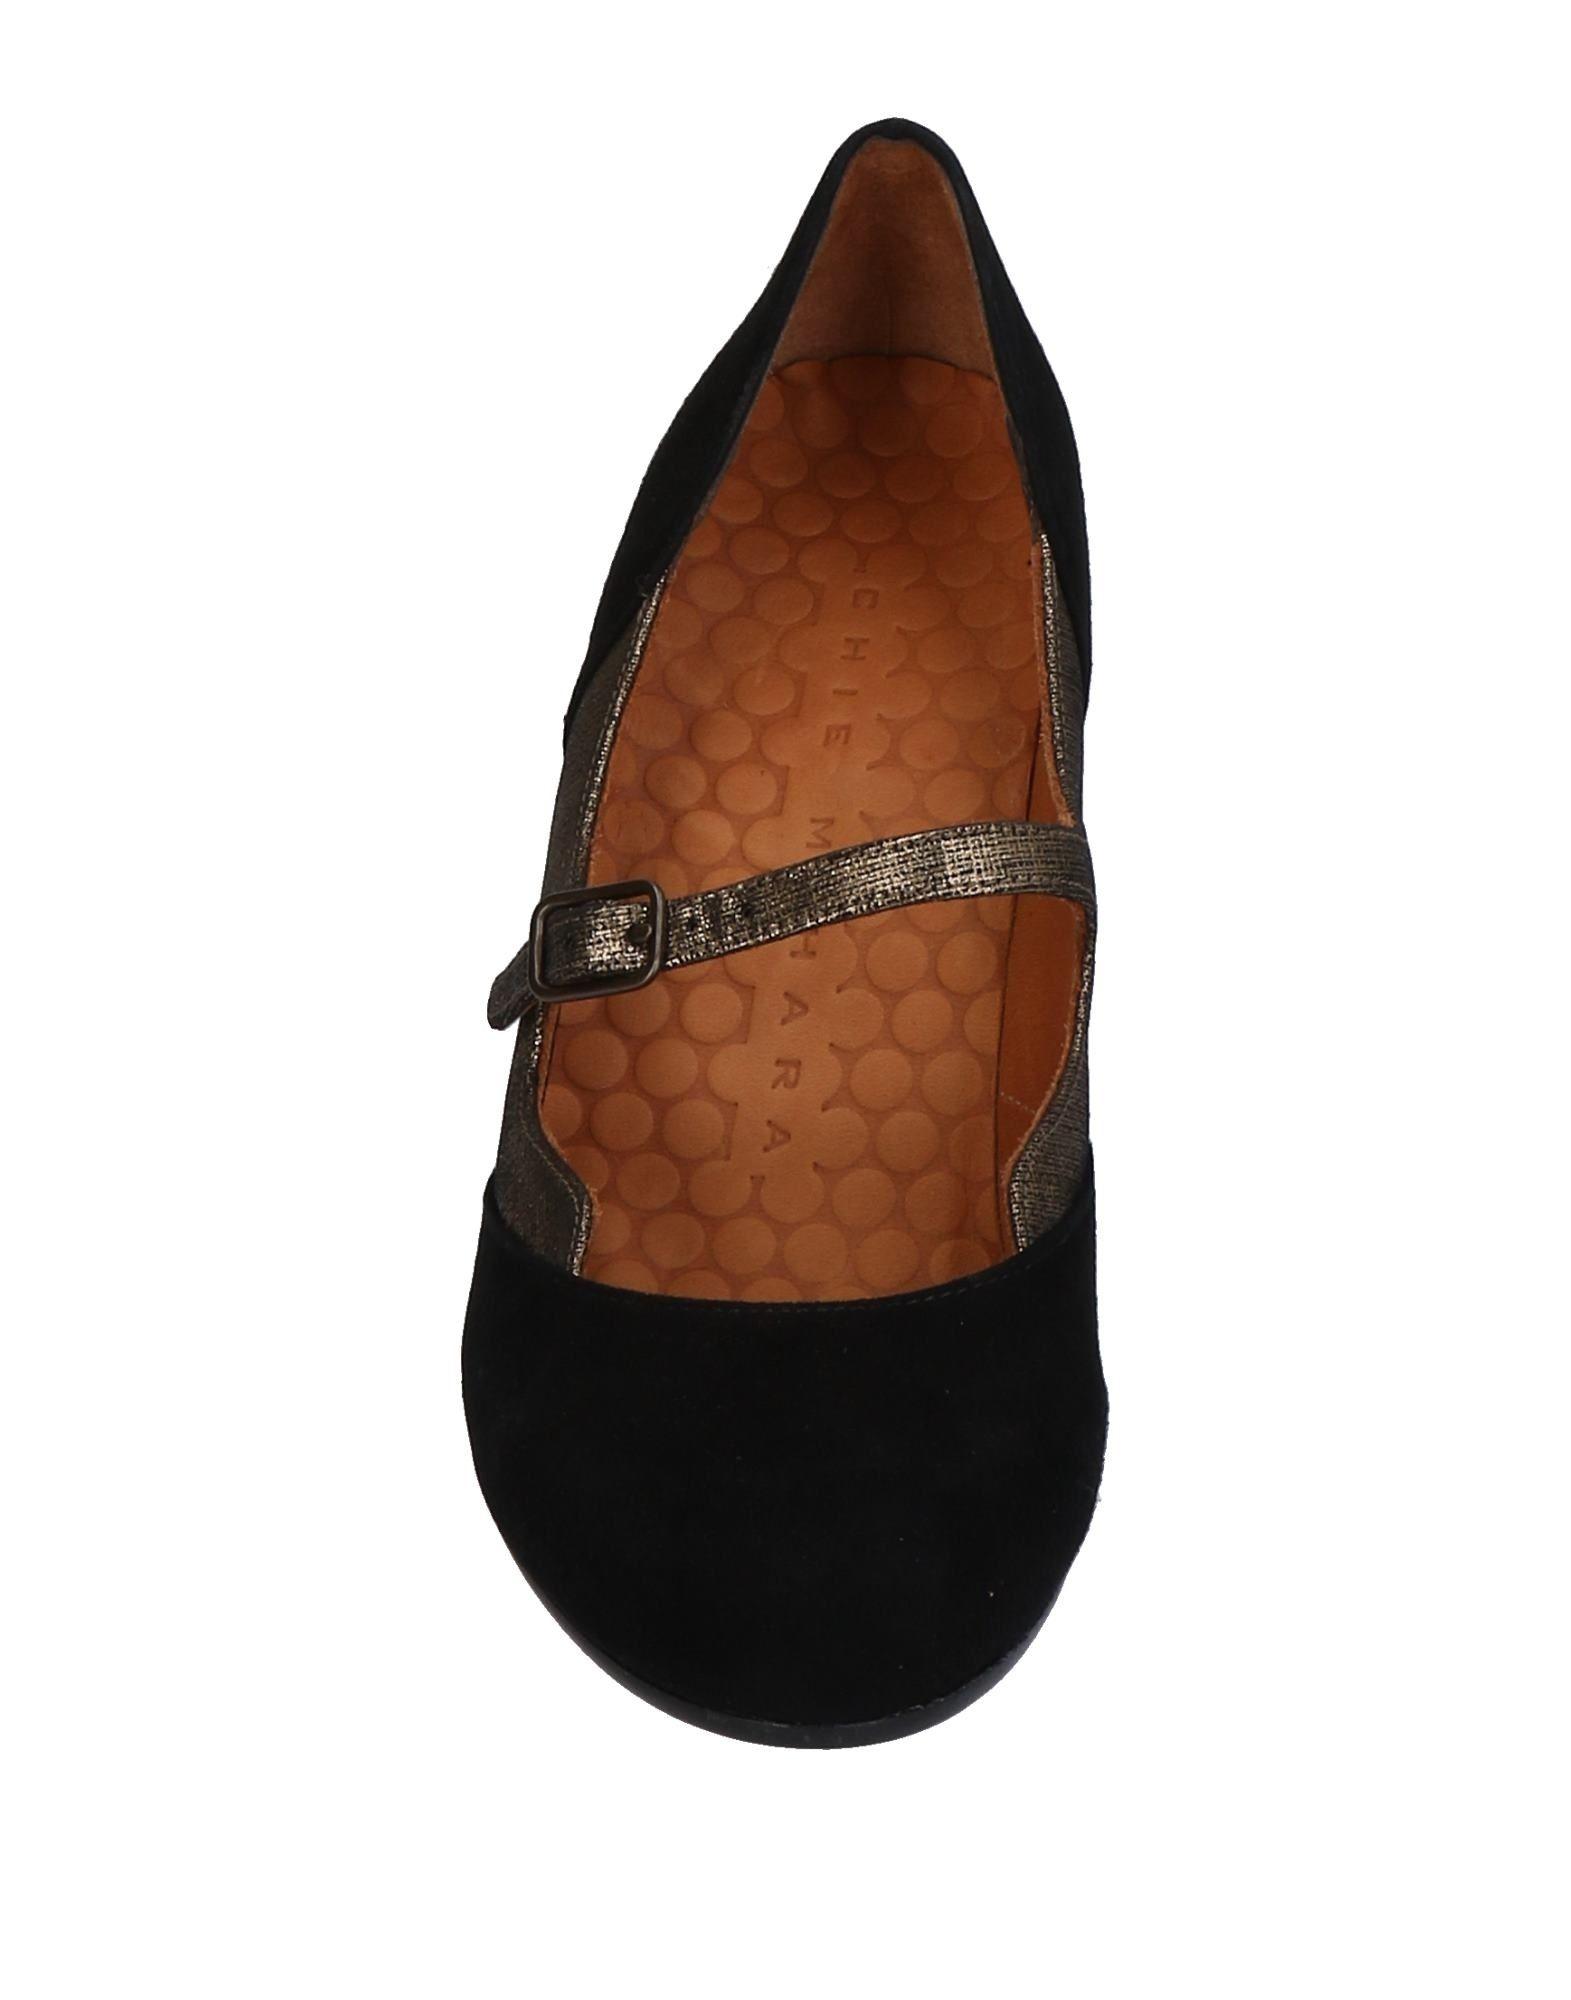 Chie Schuhe Mihara Pumps Damen  11460399IF Beliebte Schuhe Chie c8aebe